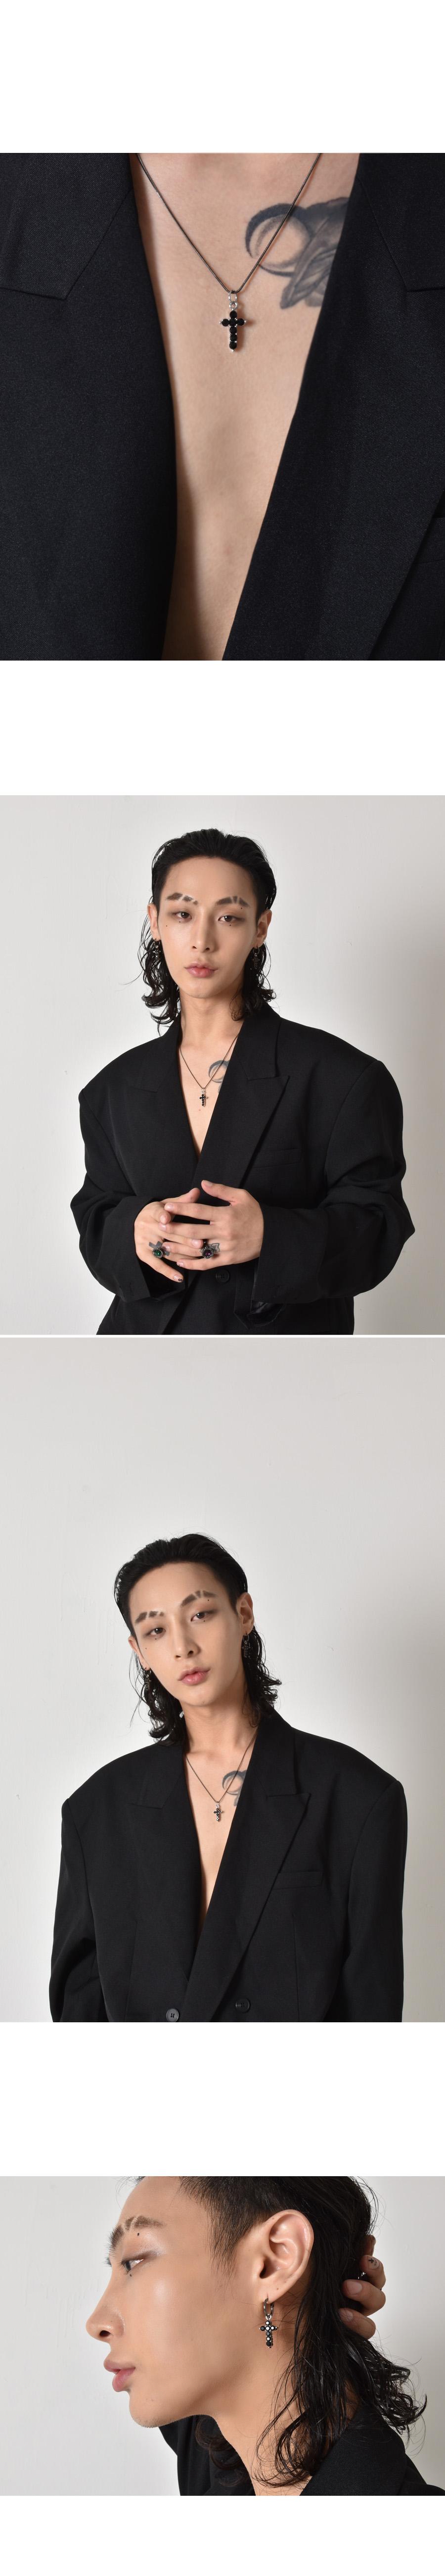 블랙 퍼플(BLACK PURPLE) 리틀 큐빅 십자가 링 귀걸이